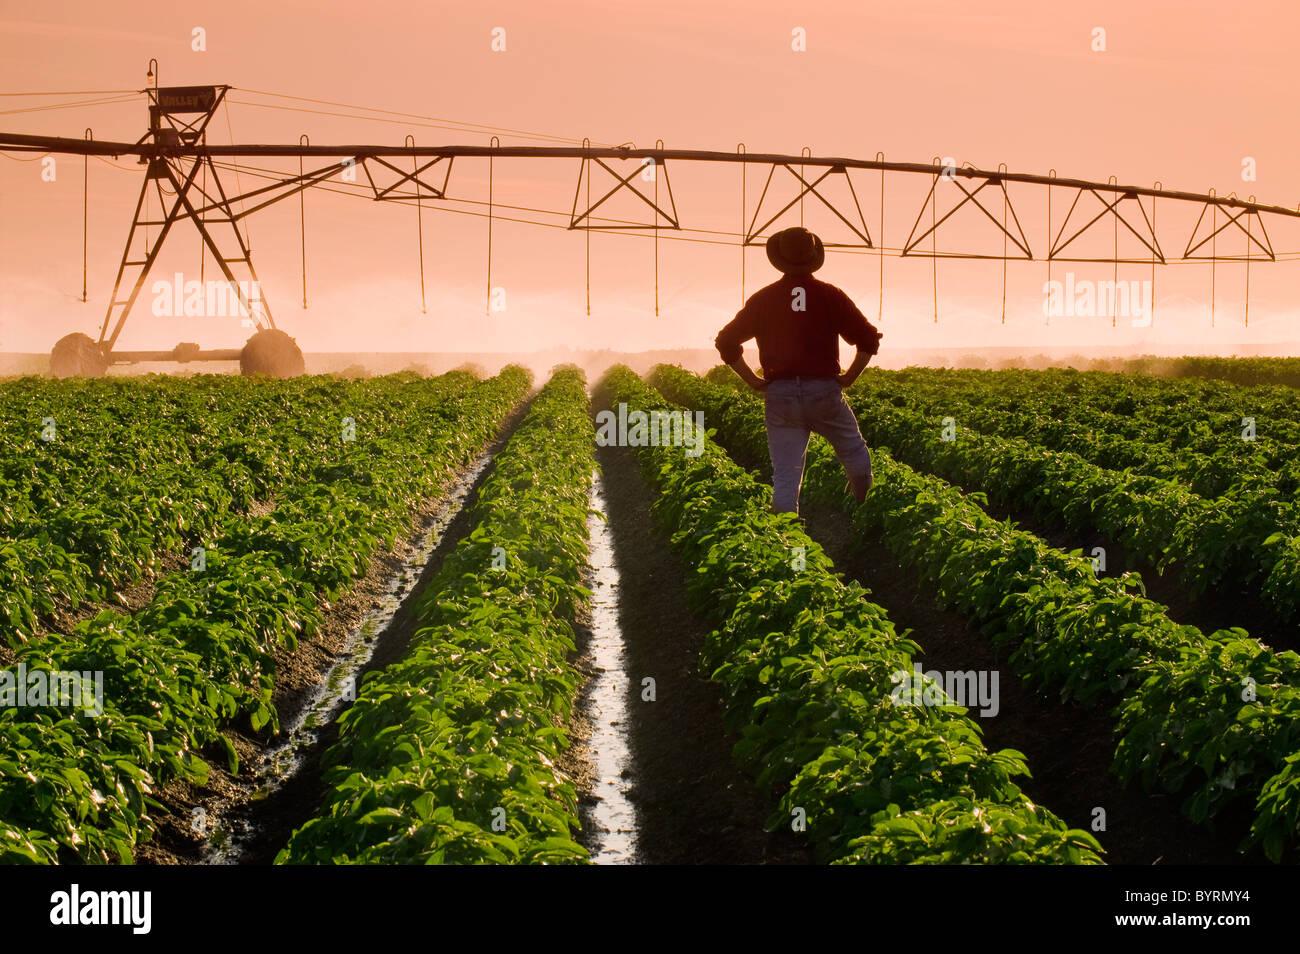 Un agricoltore sta nella sua metà della crescita campo di patate osservando un perno centrale di un sistema Immagini Stock